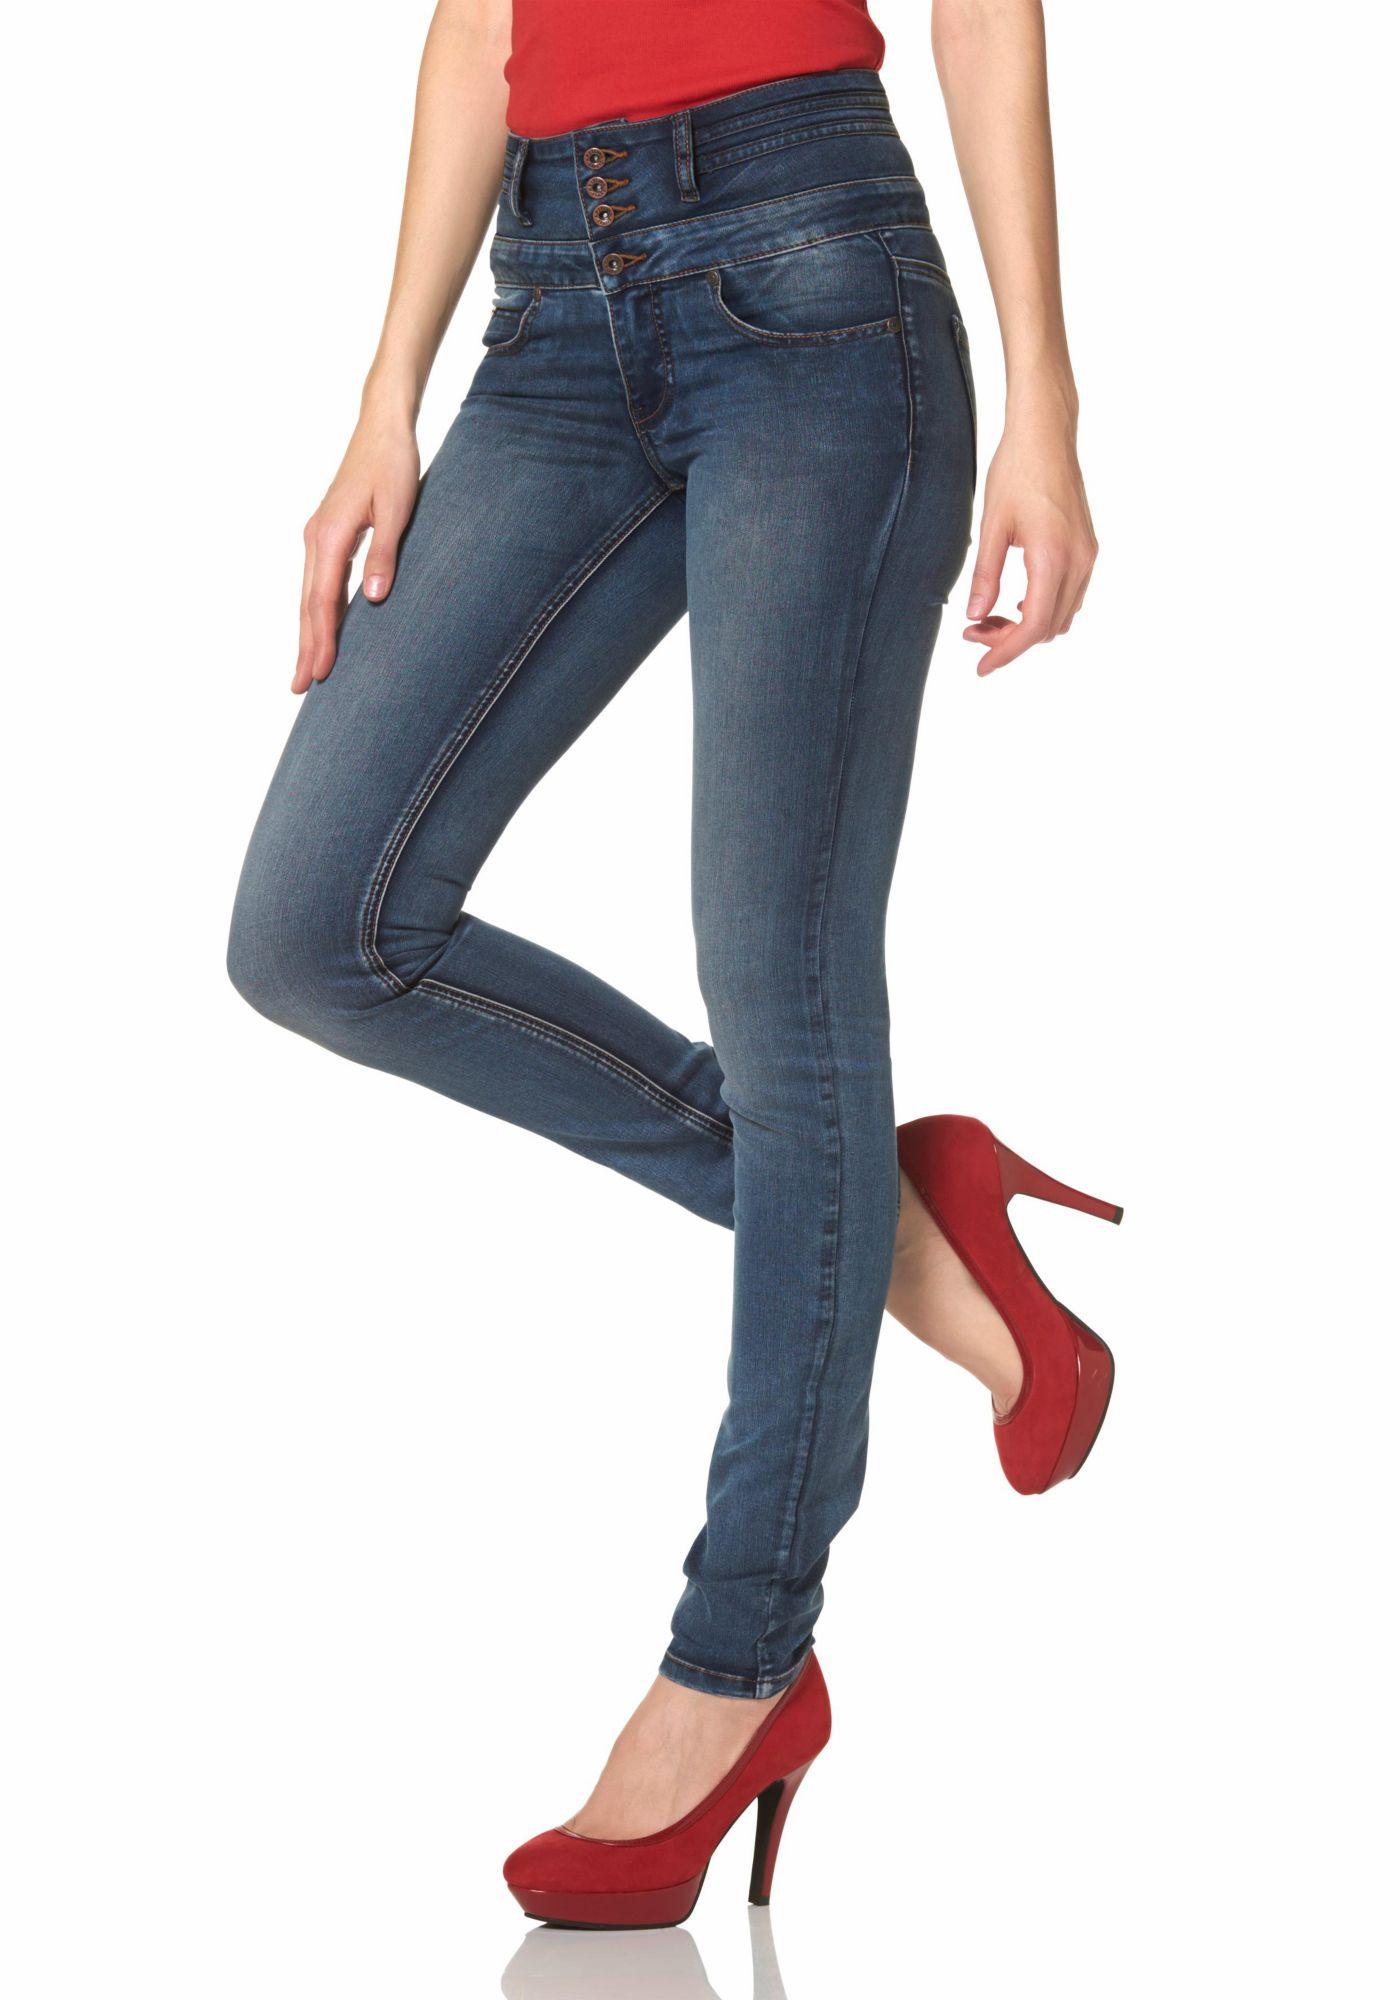 damen jeans 5 pocket jeans arizona skinny fit jeans mit gummizug. Black Bedroom Furniture Sets. Home Design Ideas